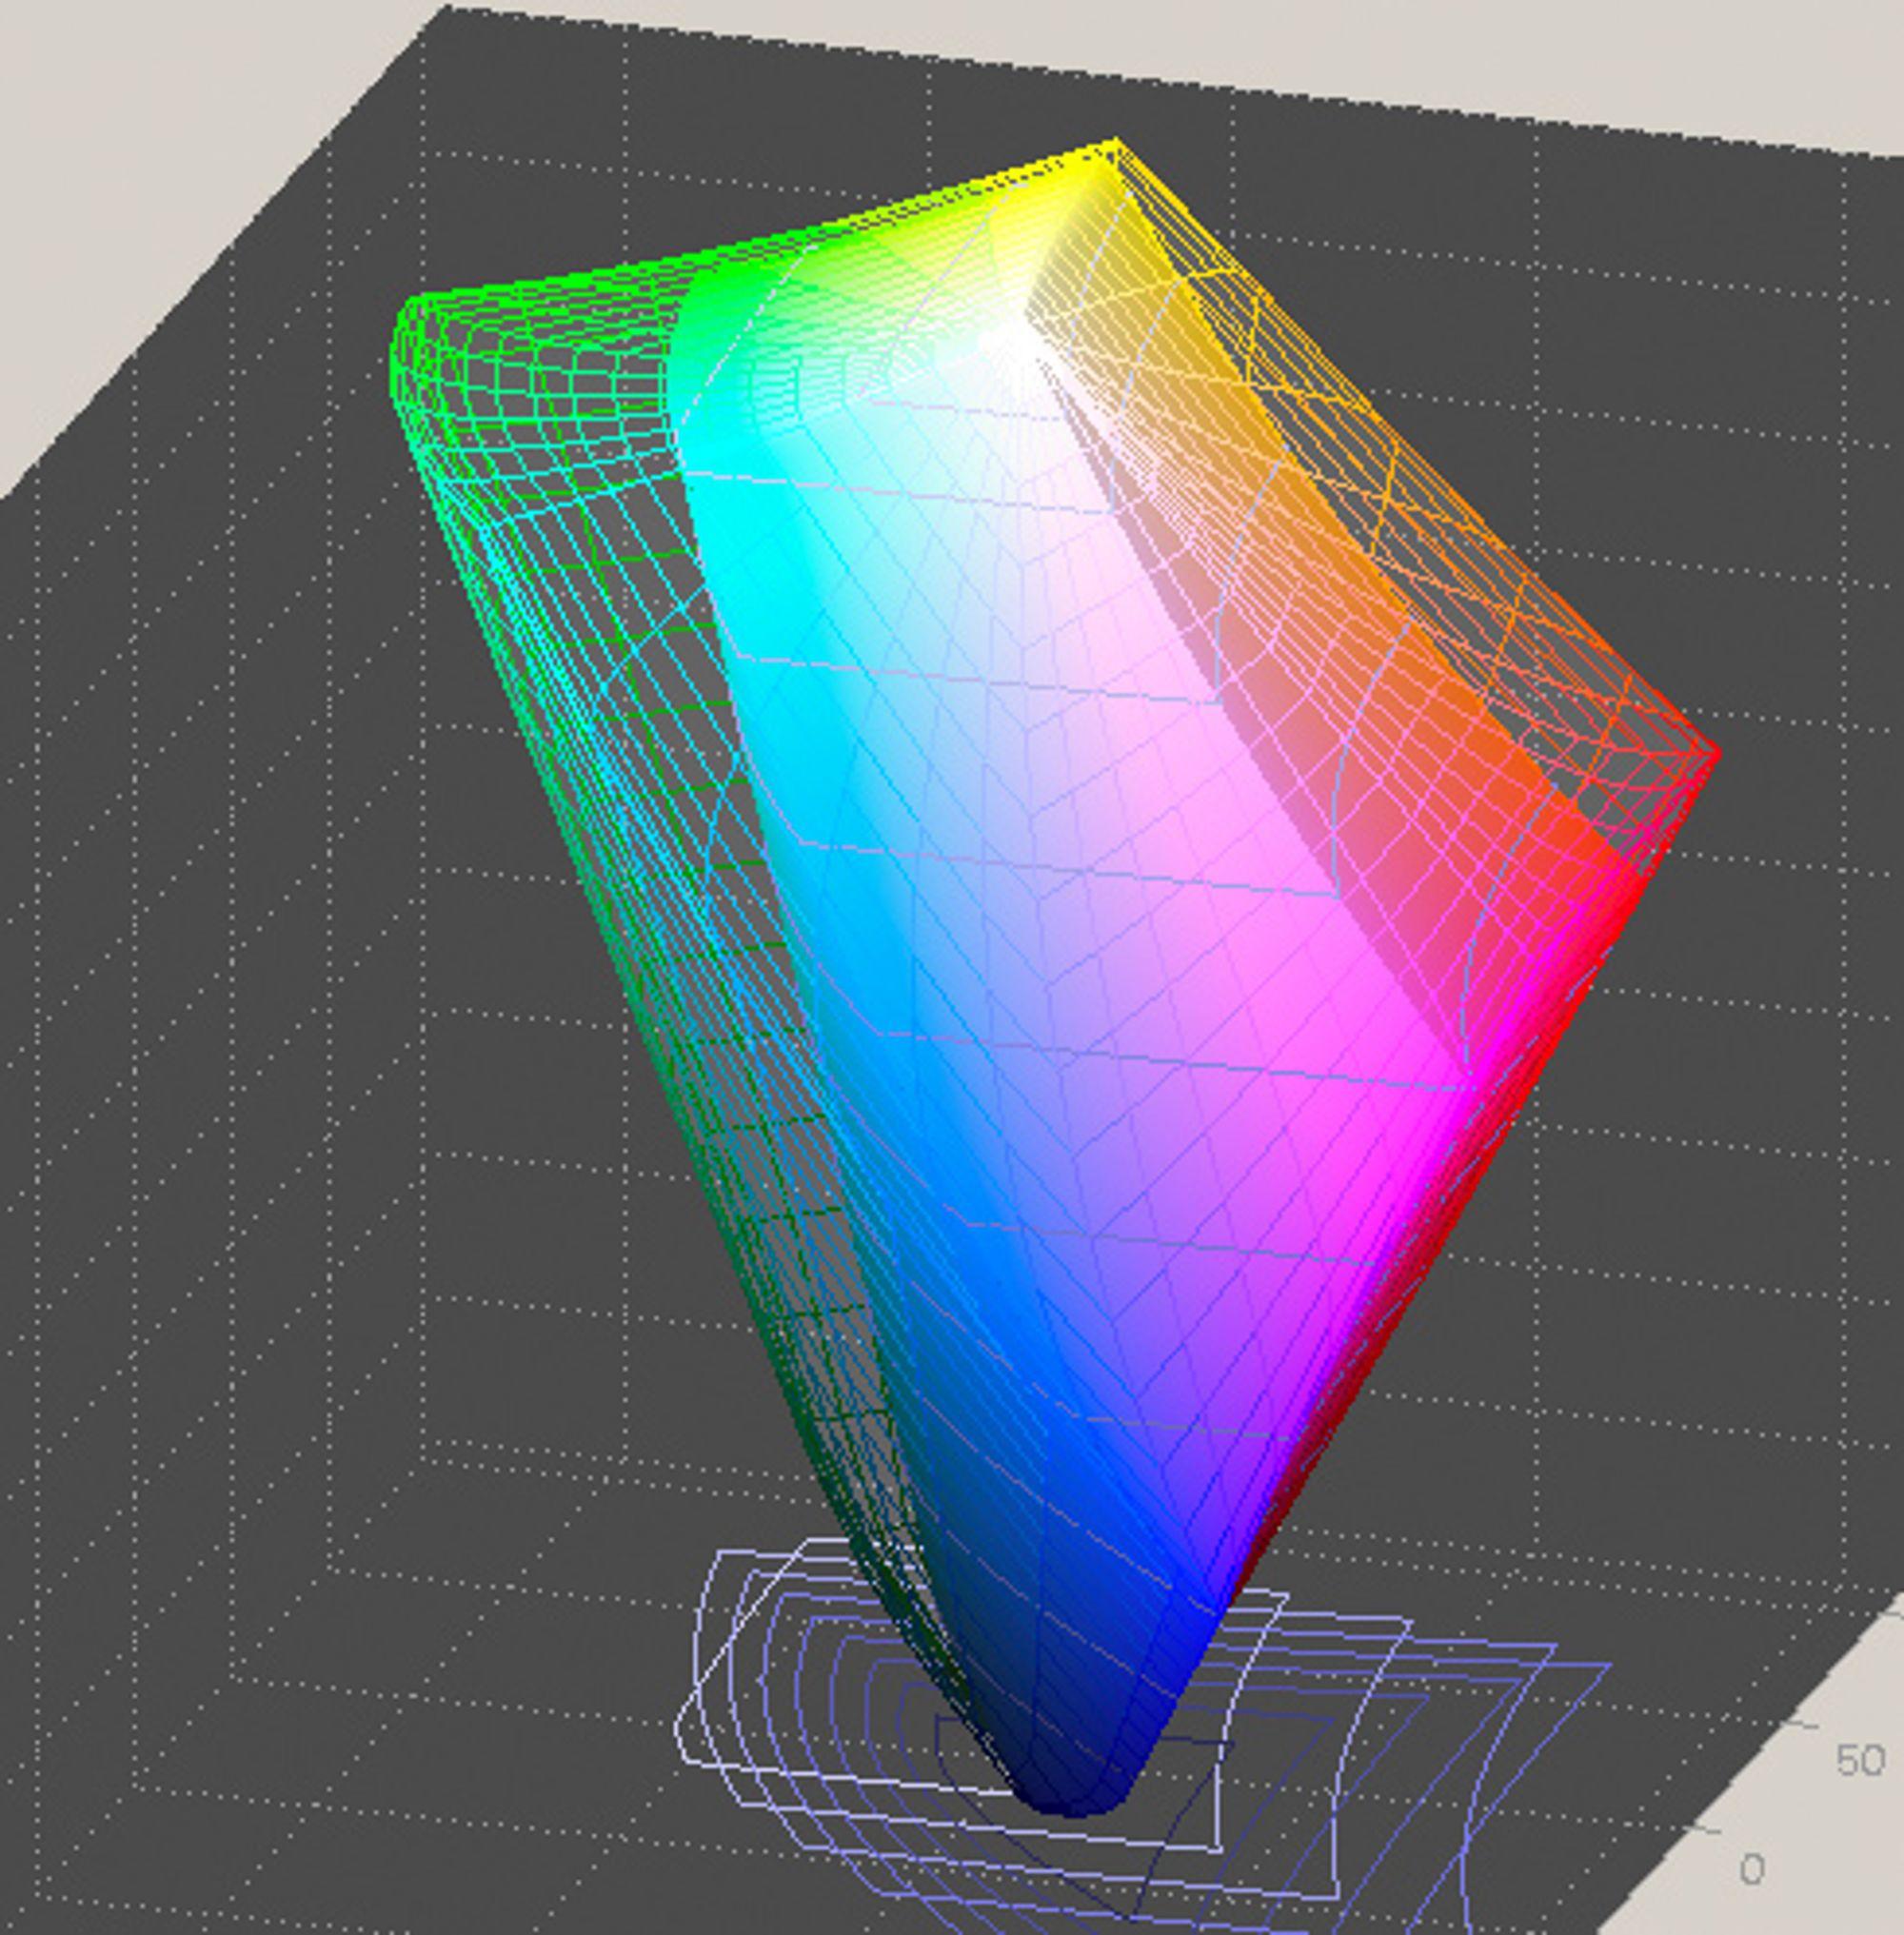 Eksempel på visuell representasjon av to ulike ICC-profiler. Den ene (Adobe RGB), representerer et større fargerom enn den andre (sRGB). I disse to tilfellene fungerer ICC-profilene som markører som henviser til internasjonale standarder. Når man lager en profil for en skjerm, får man en profil som er spesifikk for én bestemt skjerm. De fleste vanlige skjermer har et fargerom som er mindre enn Adobe RGB i omfang. Dersom et bilde utnytter Adobe RGB fullt ut, er det dermed sannsynlig at skjermen ikke vil kunne vise alle fargene bildet inneholder. Kompaktkameraer lagrer normalt bilder i sRGB.